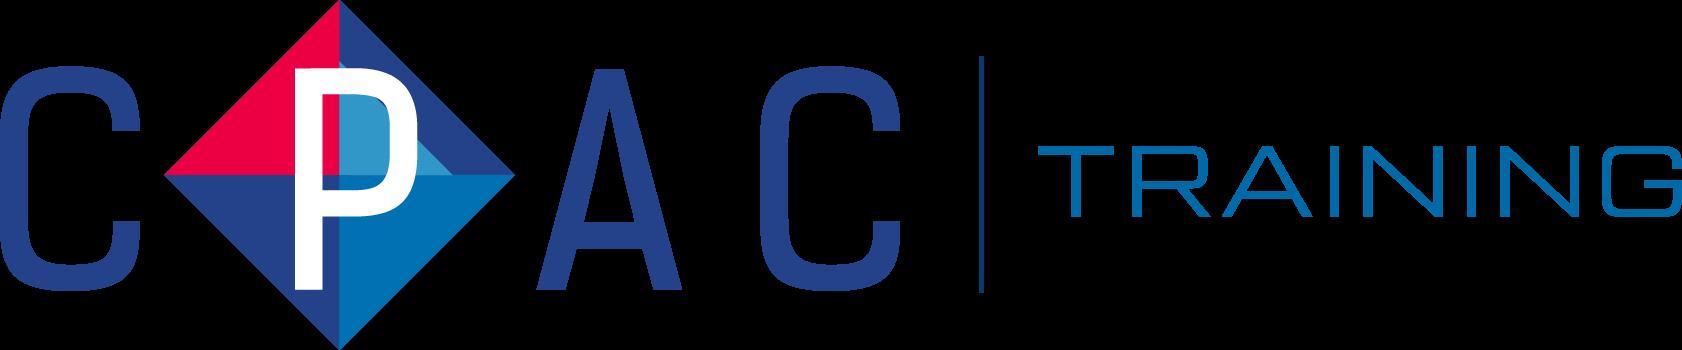 CPAC Training Final